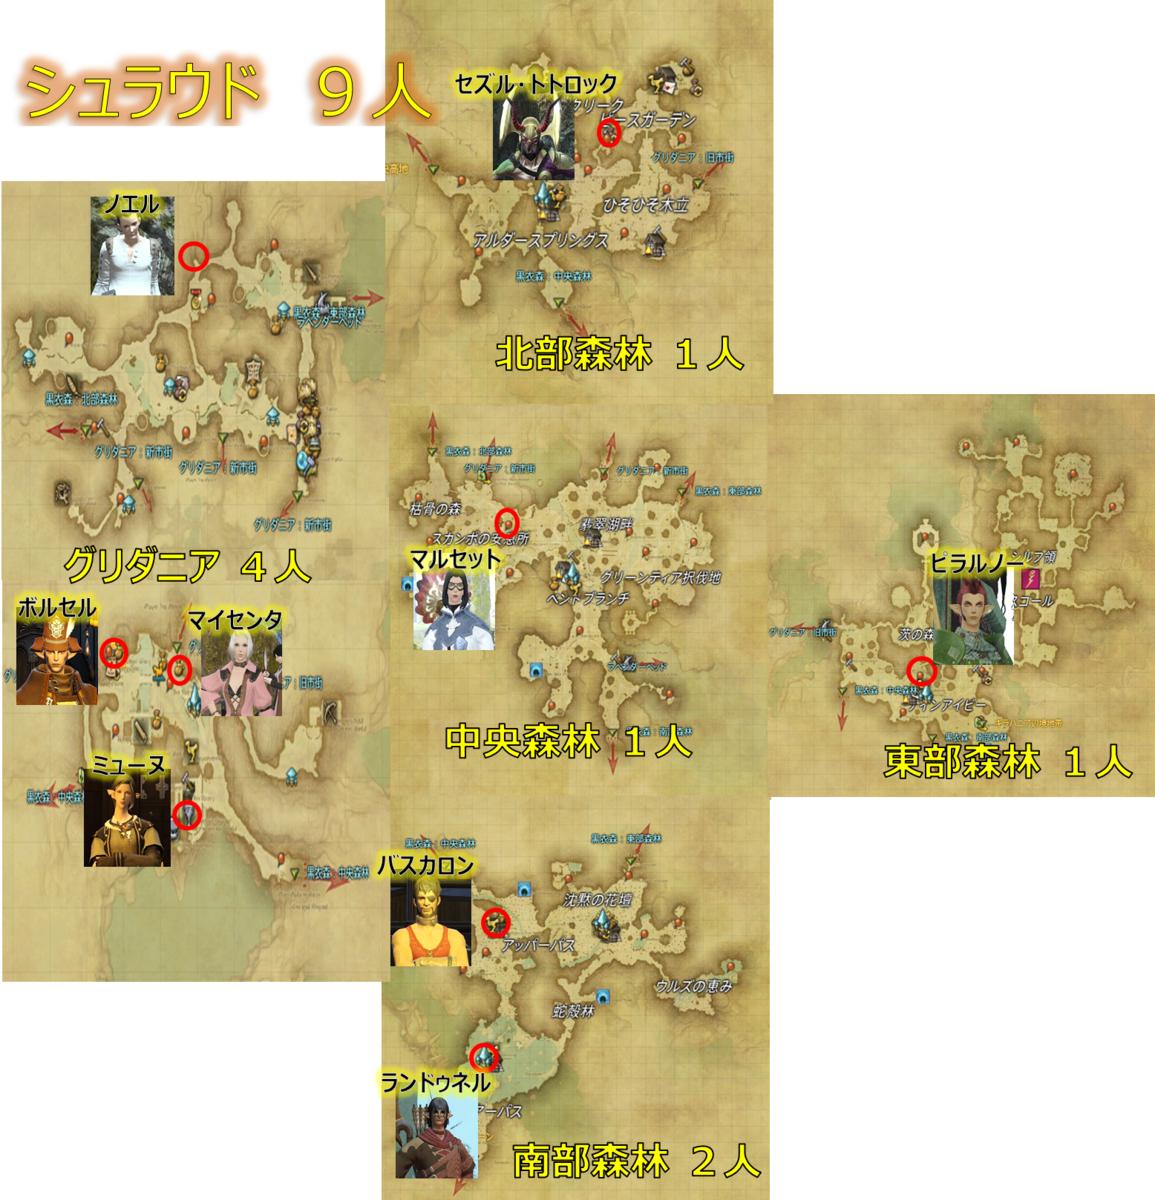 f:id:jinbarion7:20210208111347p:plain